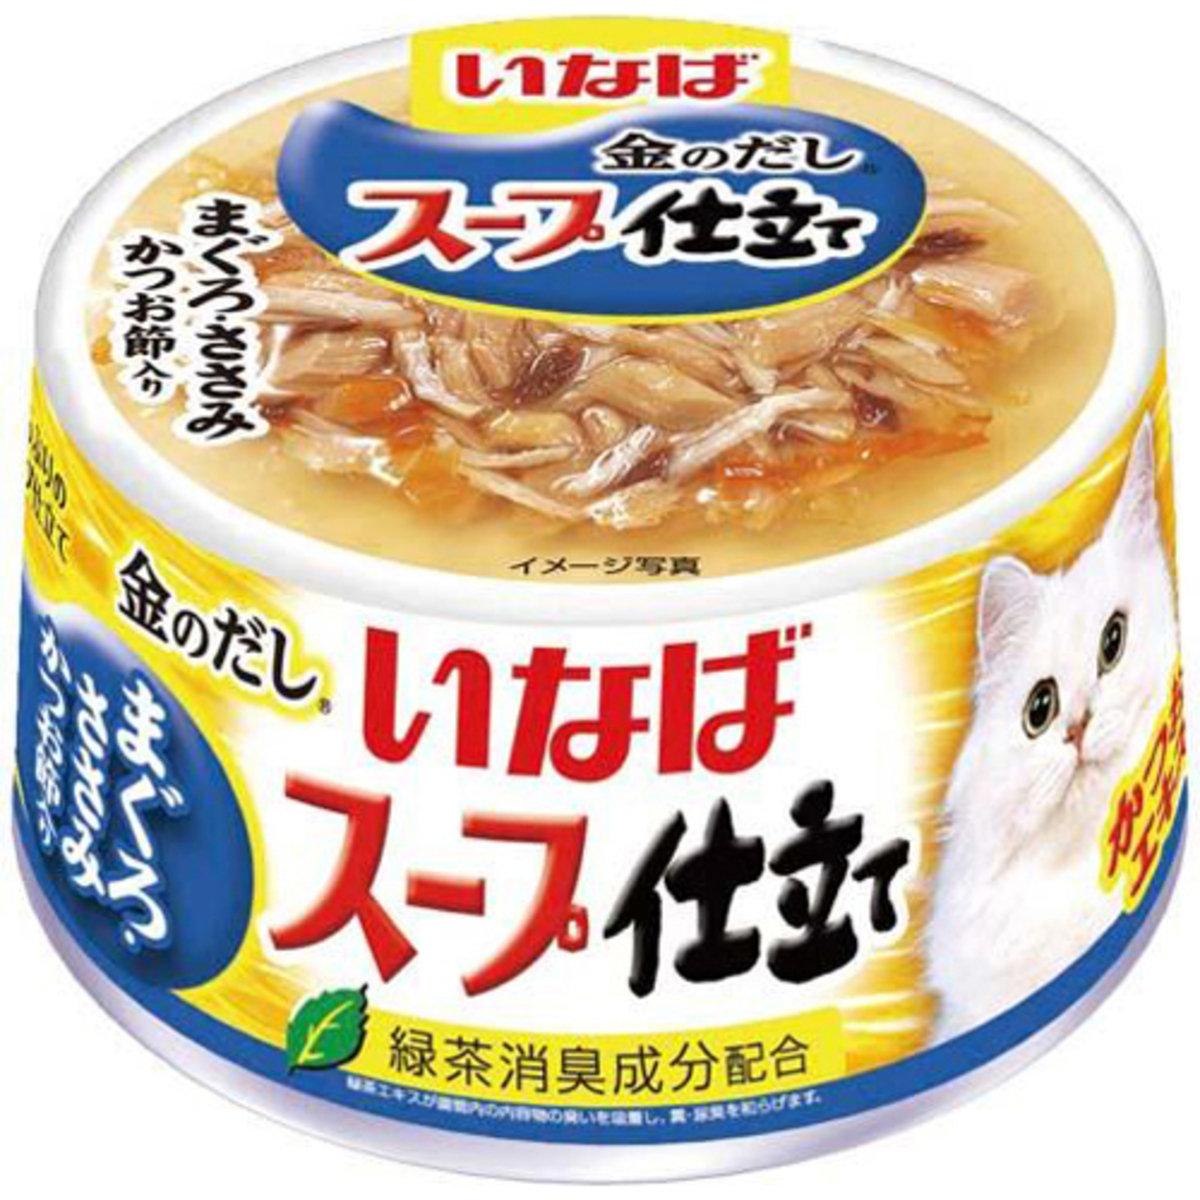 INABA 綠茶雞肉鰹魚金槍魚魚片 IM-234 80g